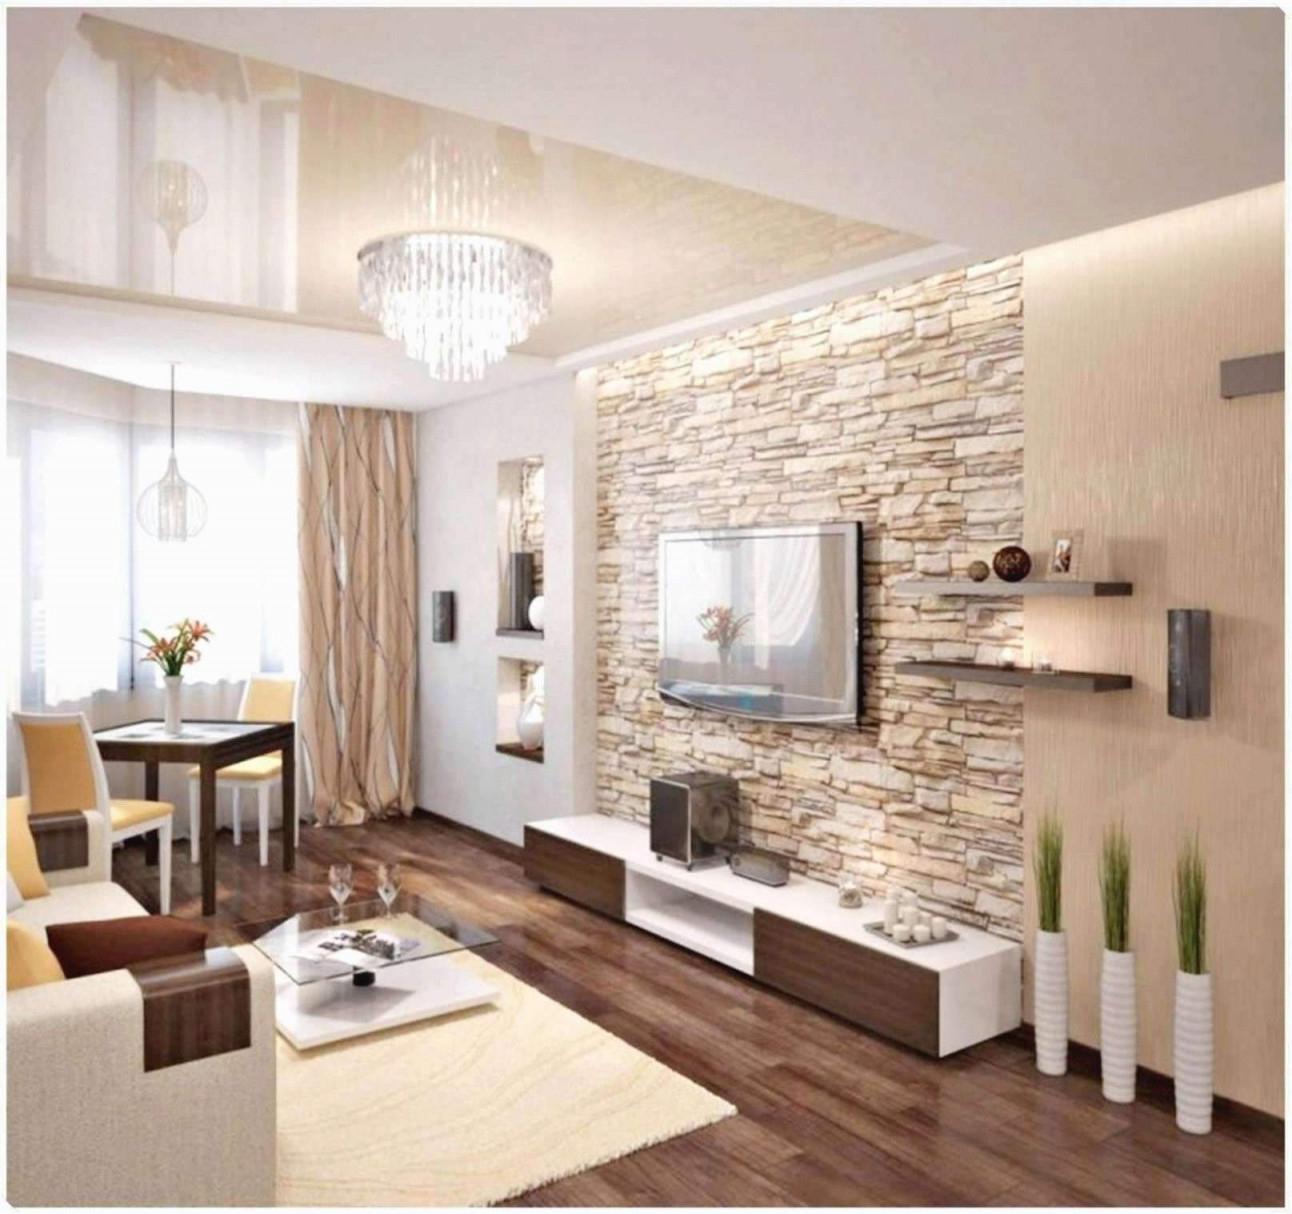 29 Luxus Wohnzimmer Einrichten Ideen Genial  Wohnzimmer Frisch von Wohnzimmer Klein Gestalten Photo